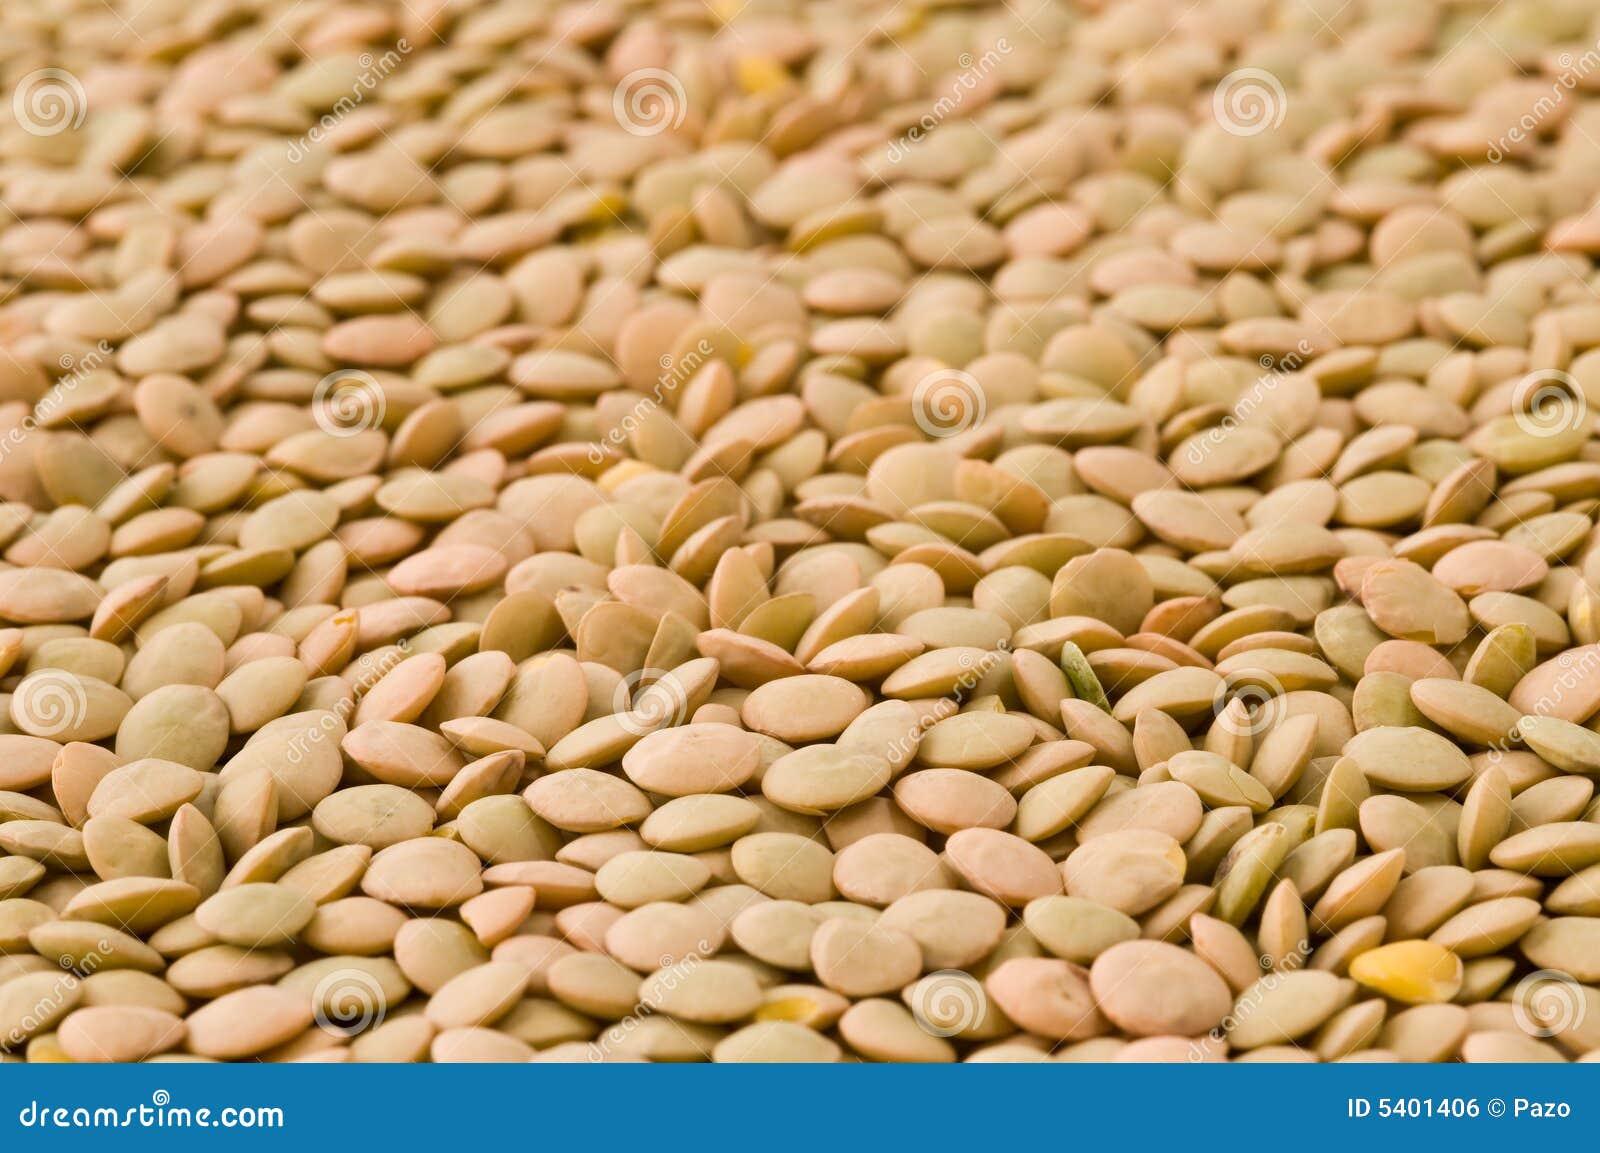 Lentilles sèches